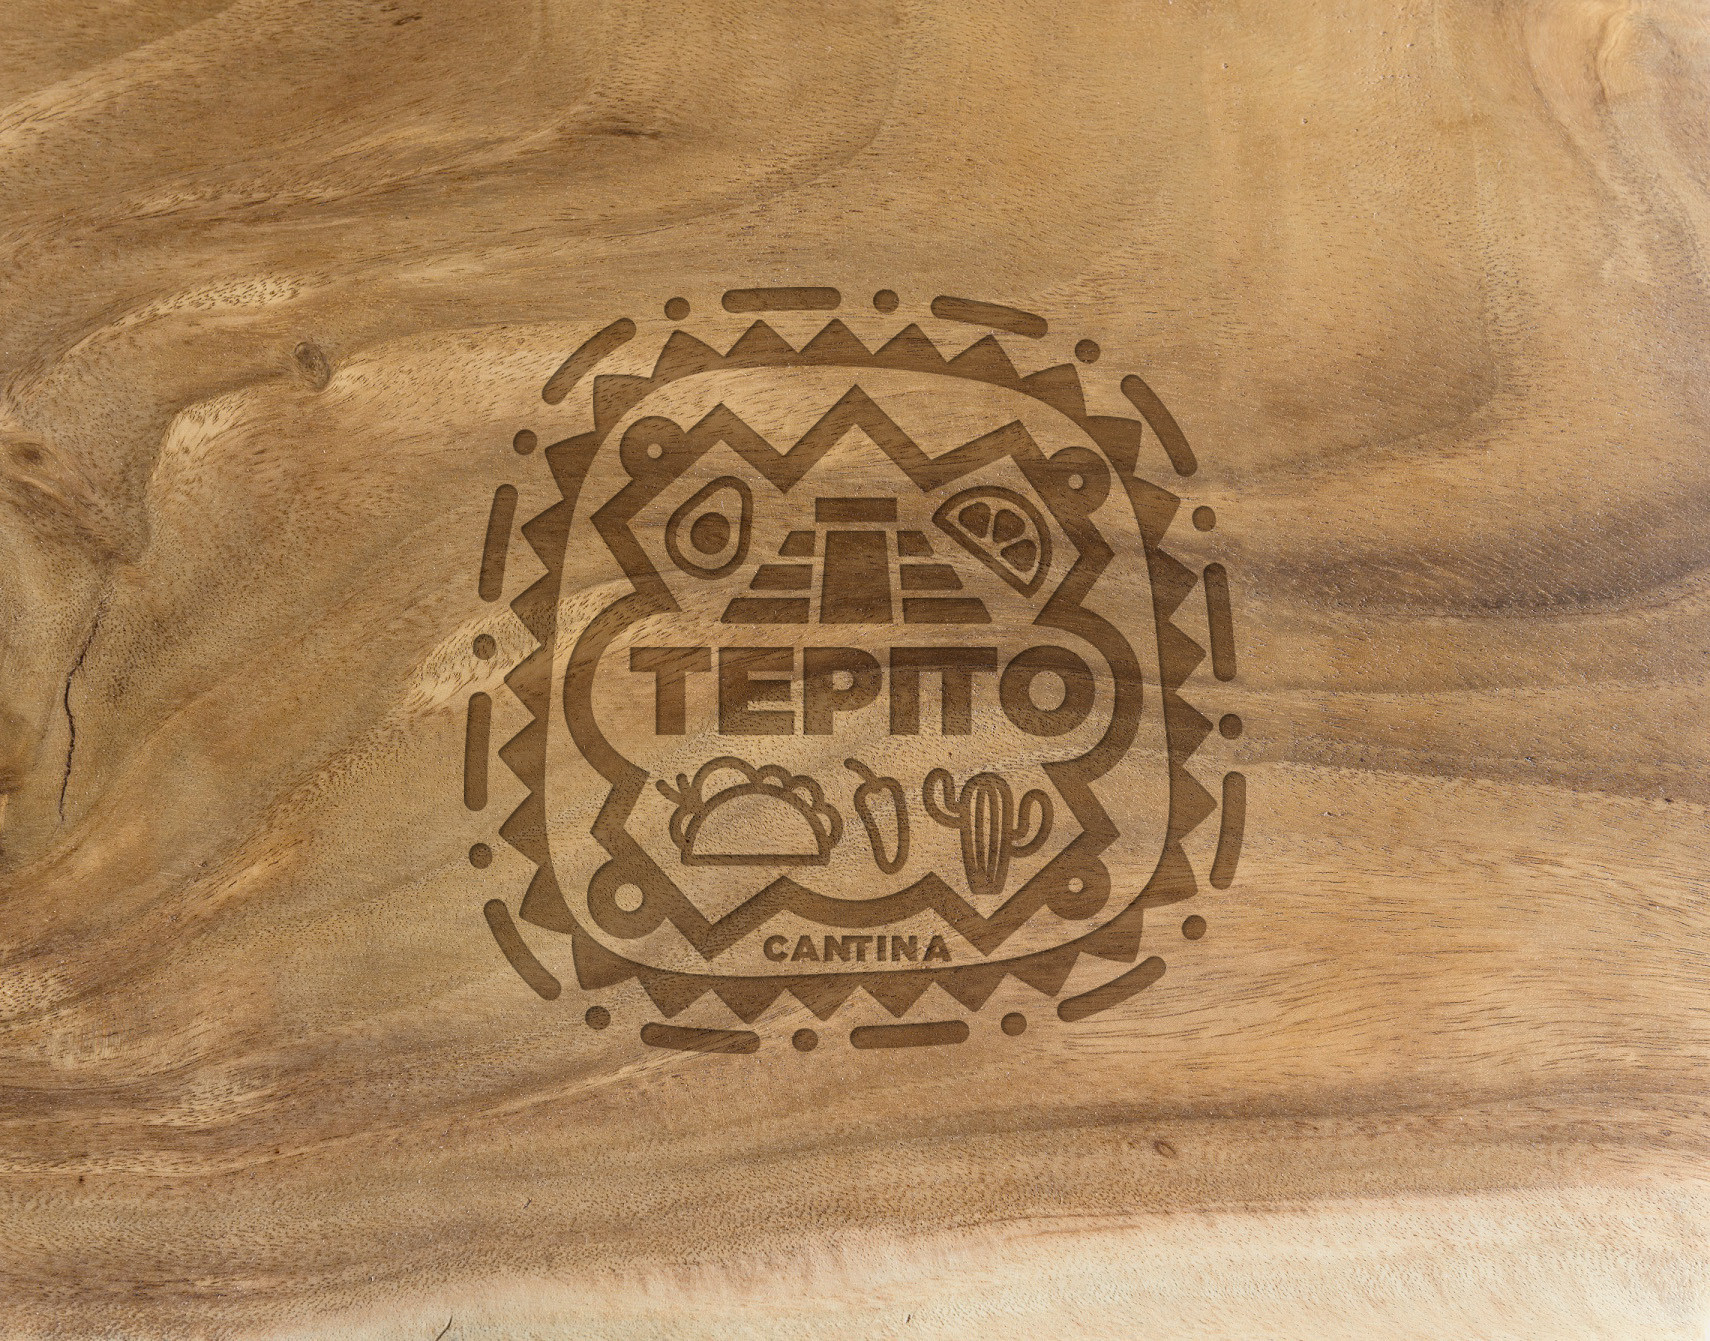 tepito cantina rotulo madera.jpg